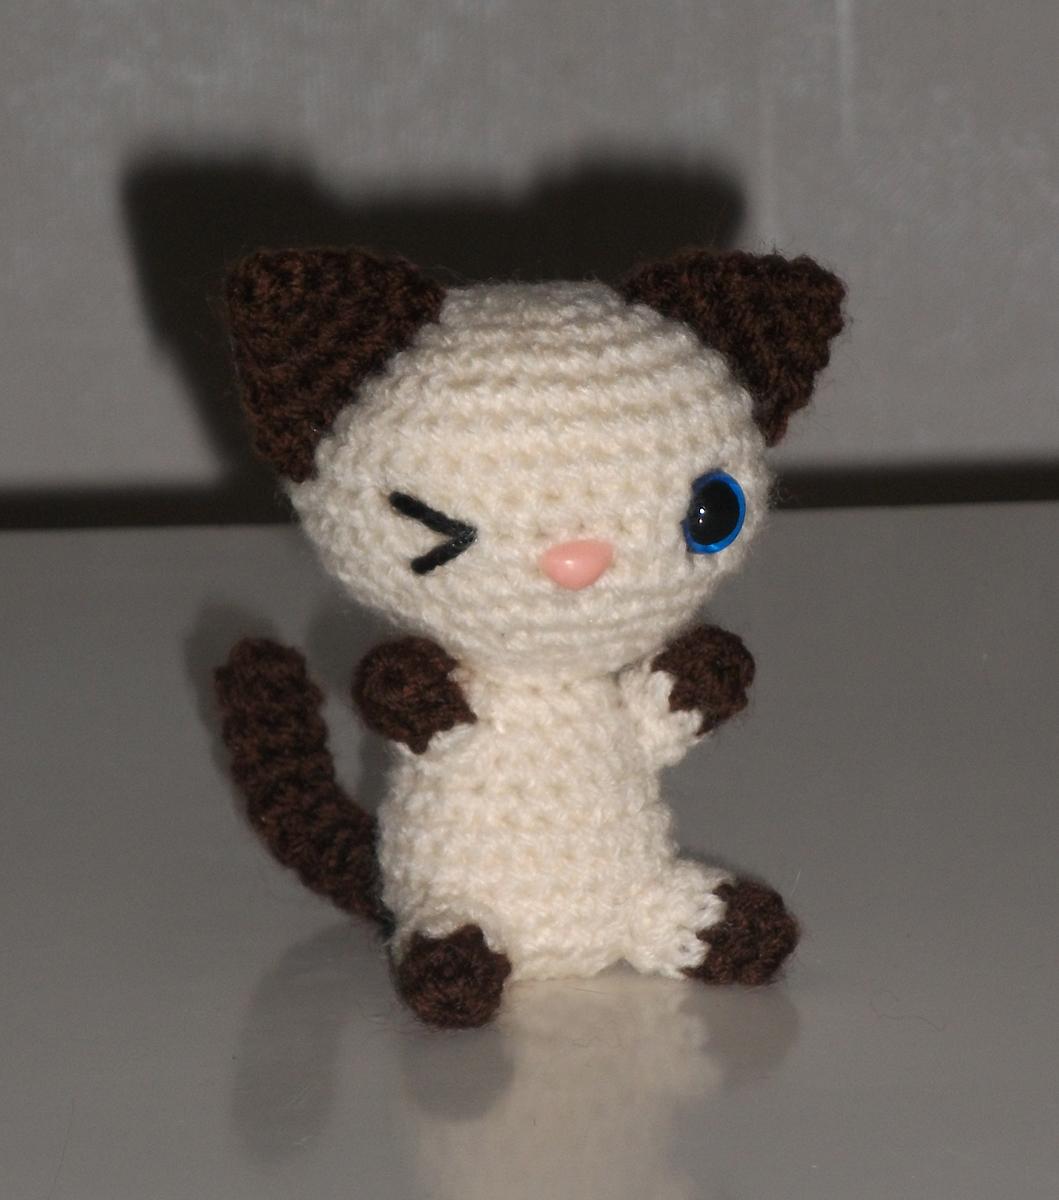 Amigurumi Oyuncak Yapimi Anlatimli : Strange or Cute: Kissa ja nalle amigurumi (ohje)